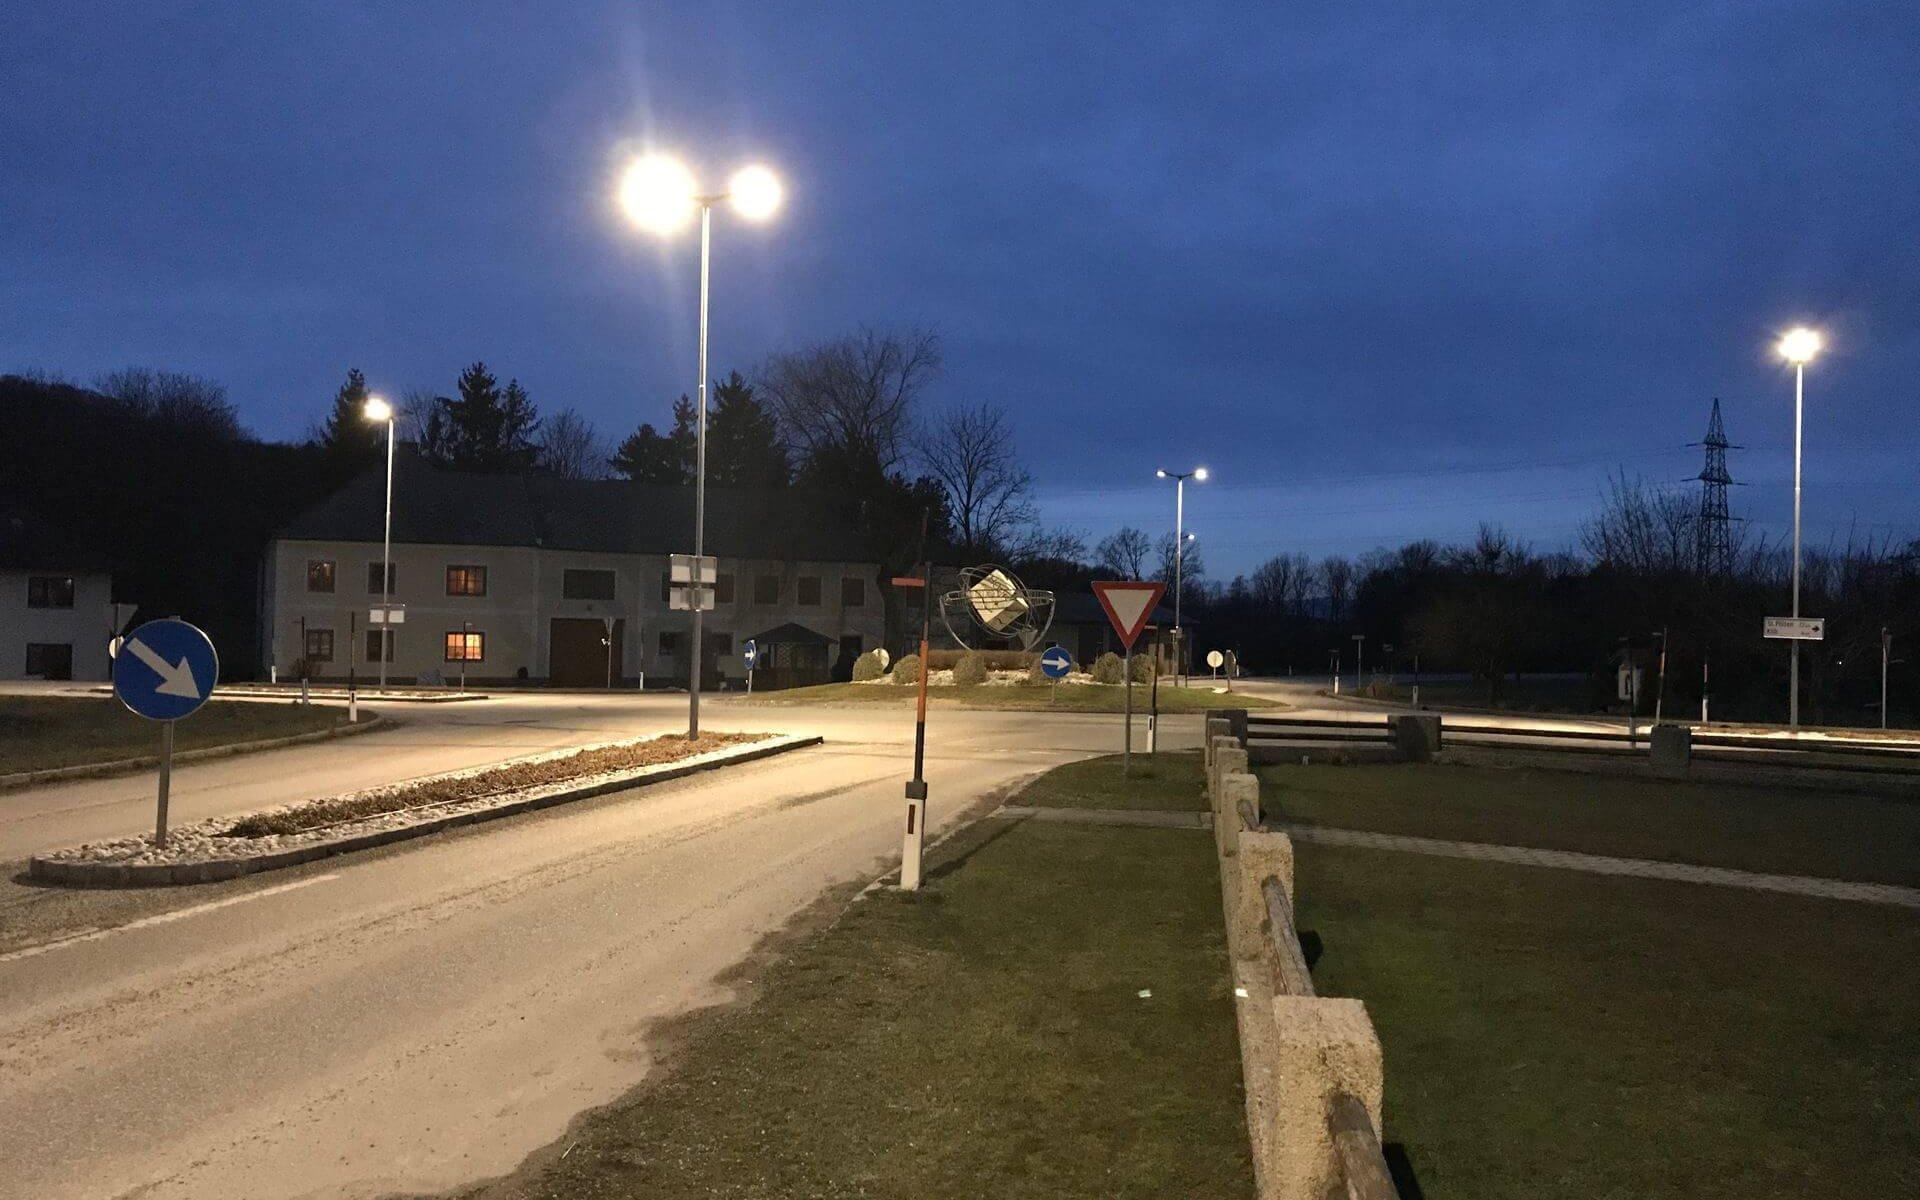 Kreisverkehr in Mank mit smarter Straßenbeleuchtung